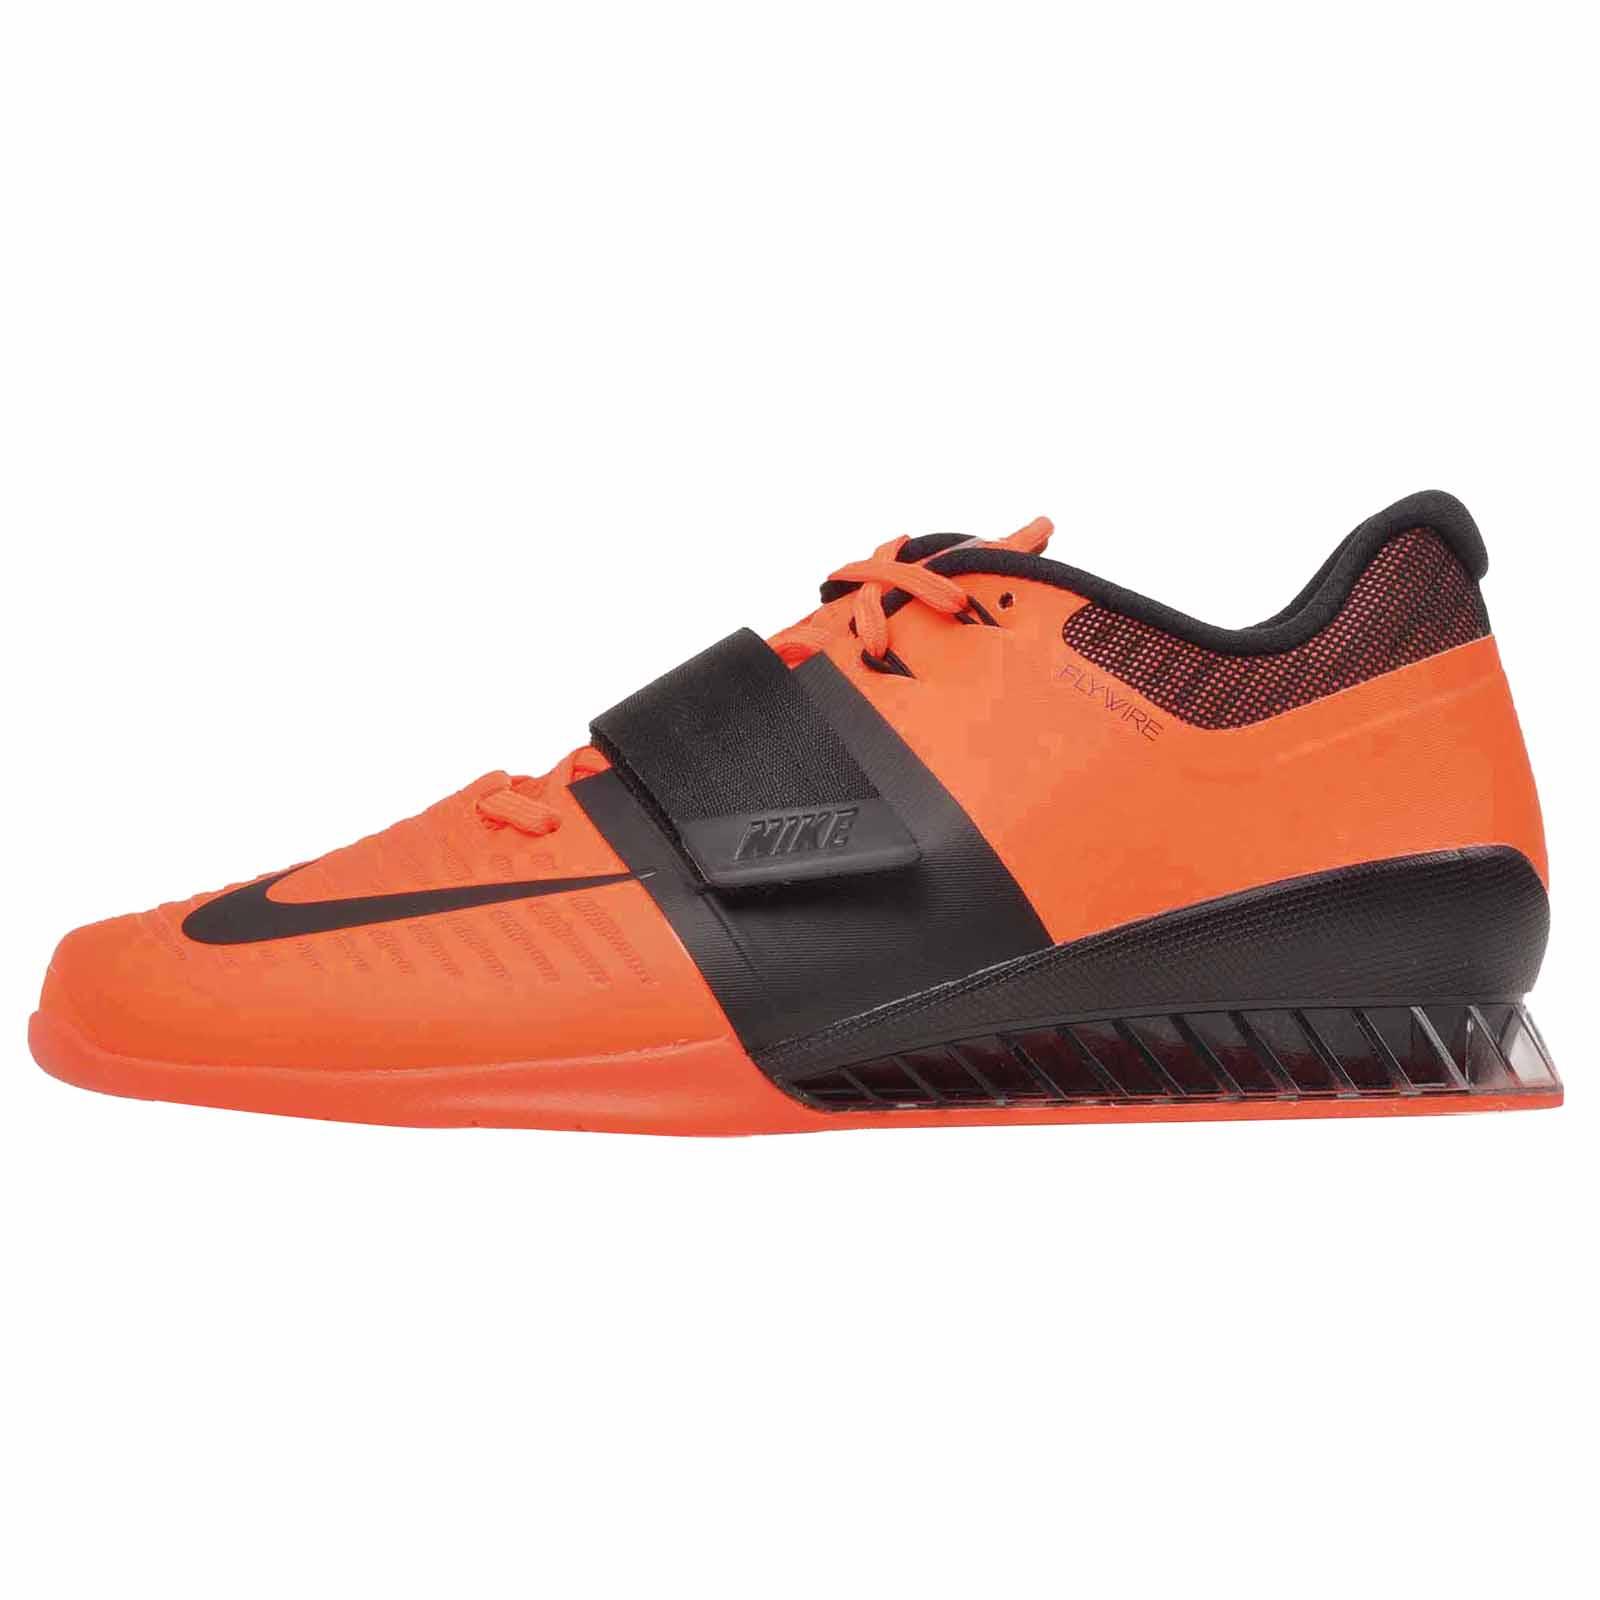 sale retailer d4564 b53a4 801 852933 3 Nike Orange Cross pour d haltérophilie chaussures vif Training  Romaleos hommes TPaW1PR